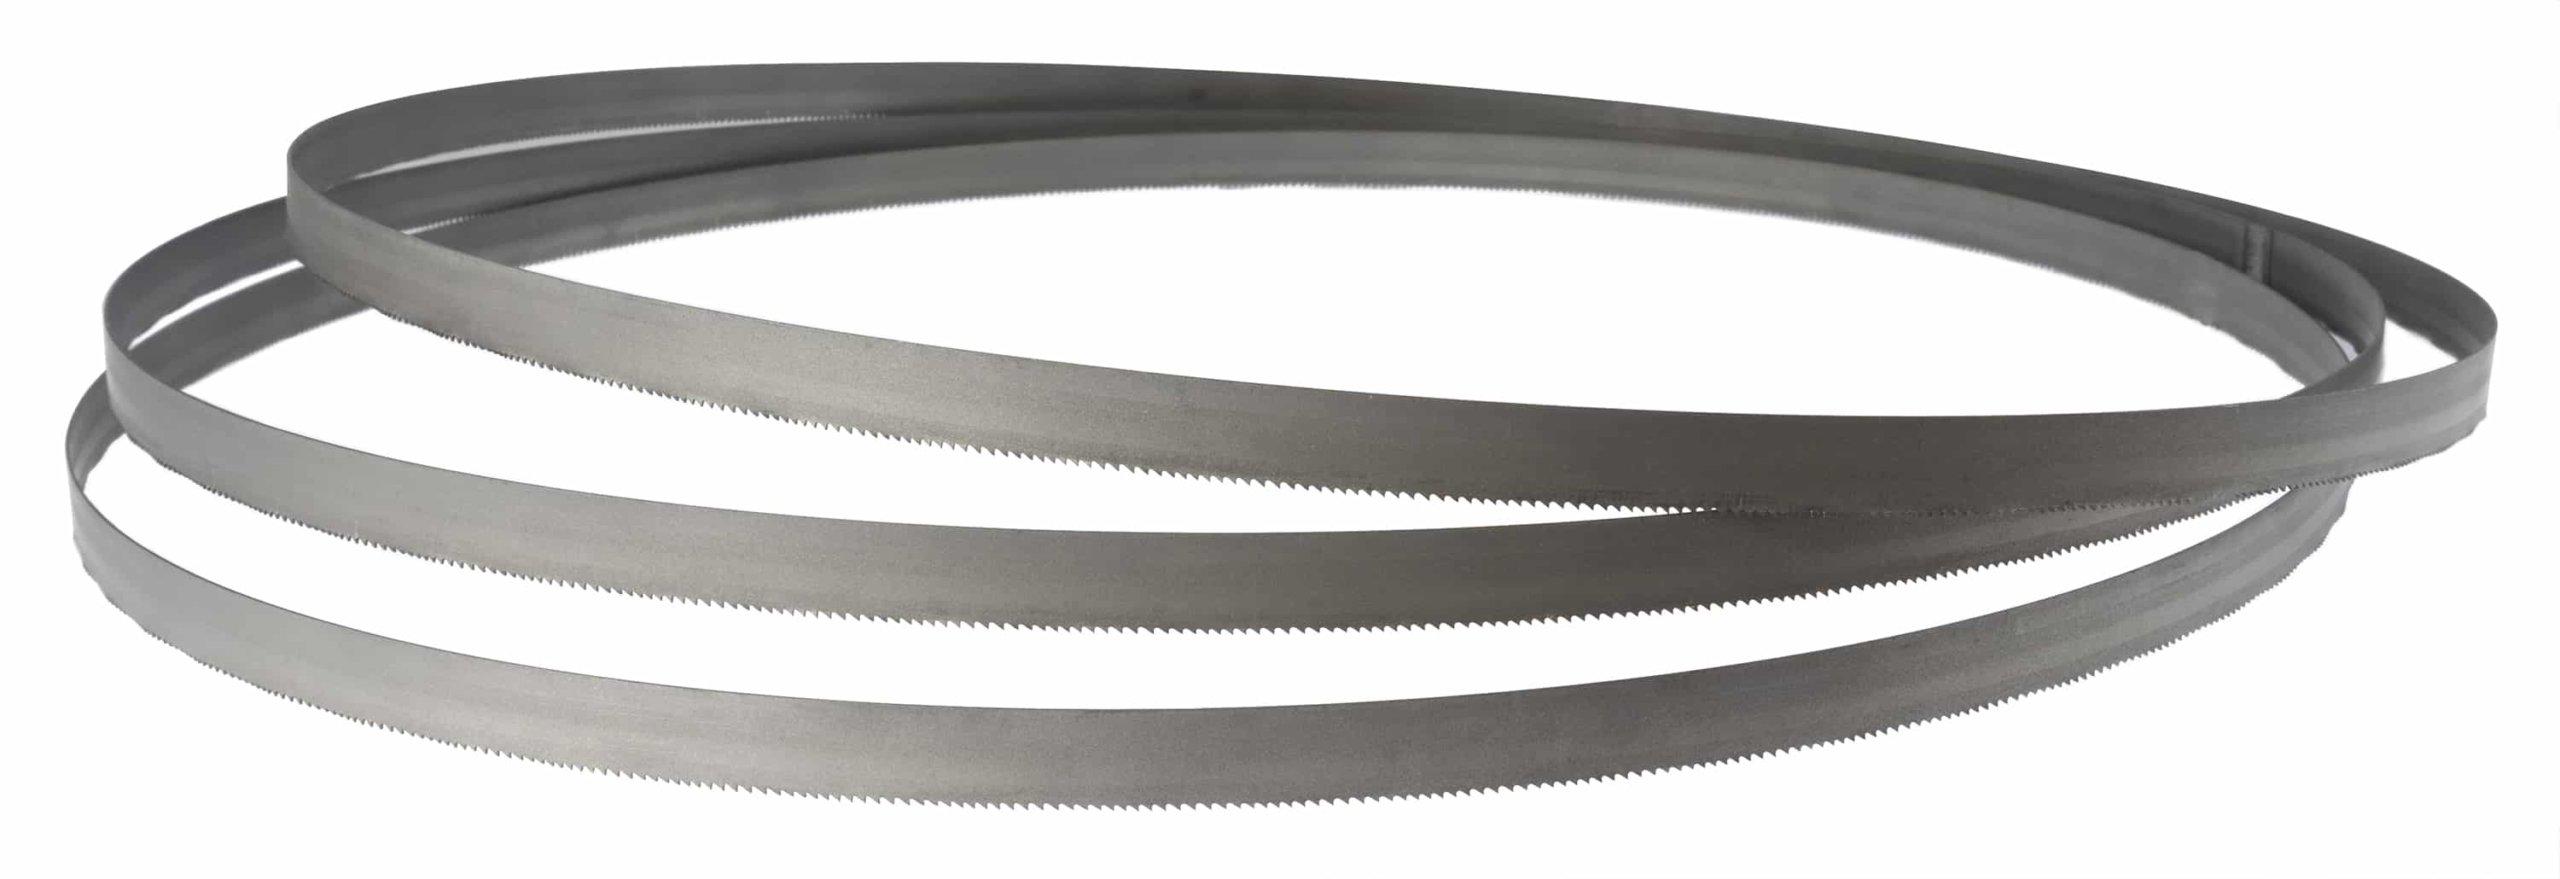 """Bi-metal Band Saw Blades Metal Cut Cutter 44-7//8/"""" x 1//2/"""" x 0.025/"""" x 14TPI M42"""